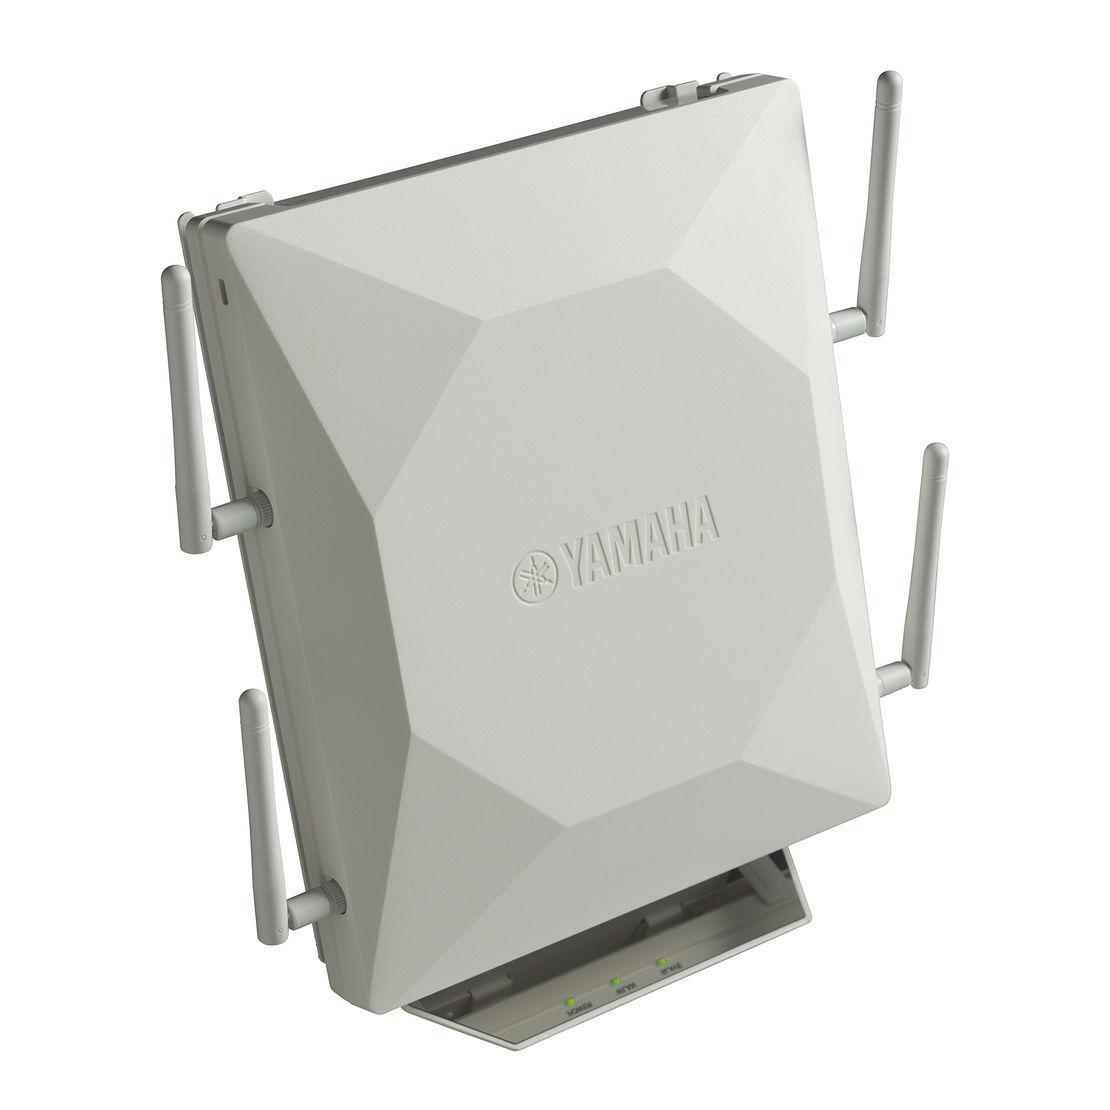 【中古】YAMAHA 無線LANアクセスポイント WLX313